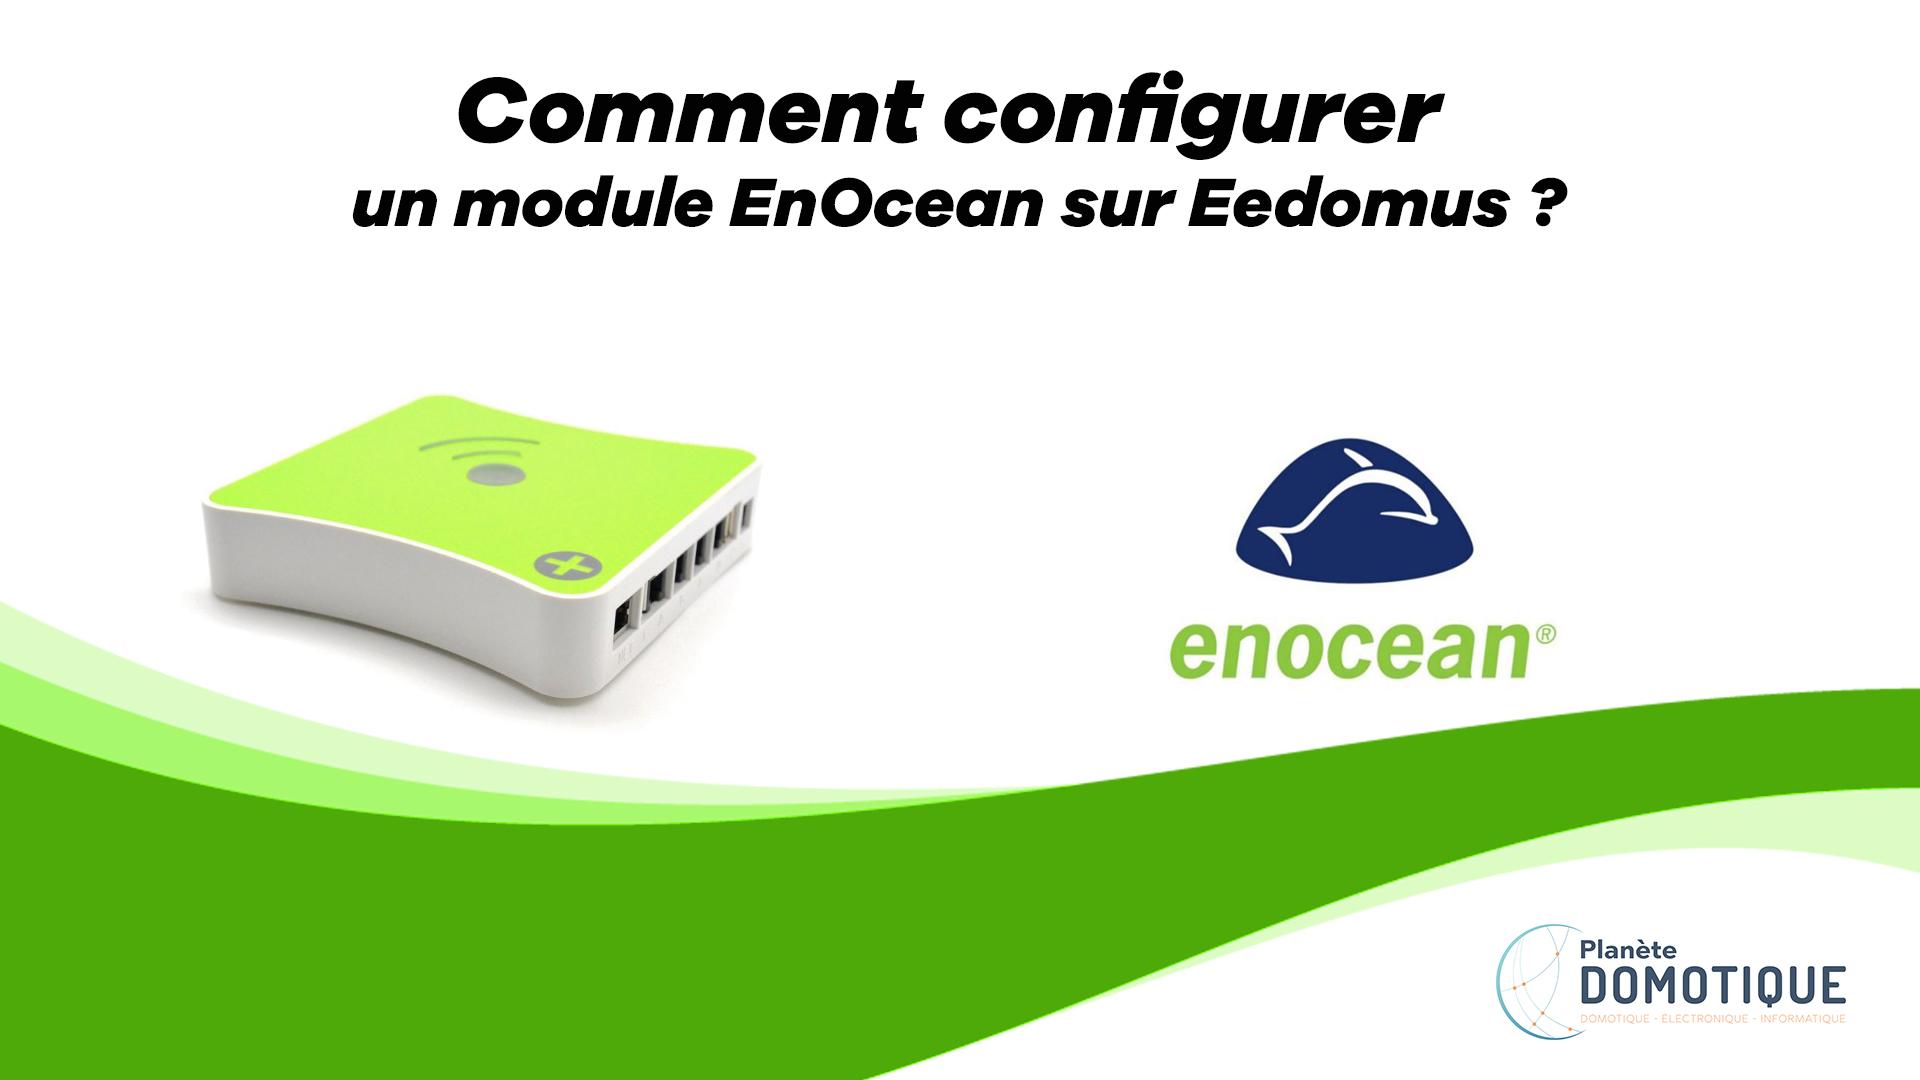 Comment configurer un module EnOcean sur Eedomus